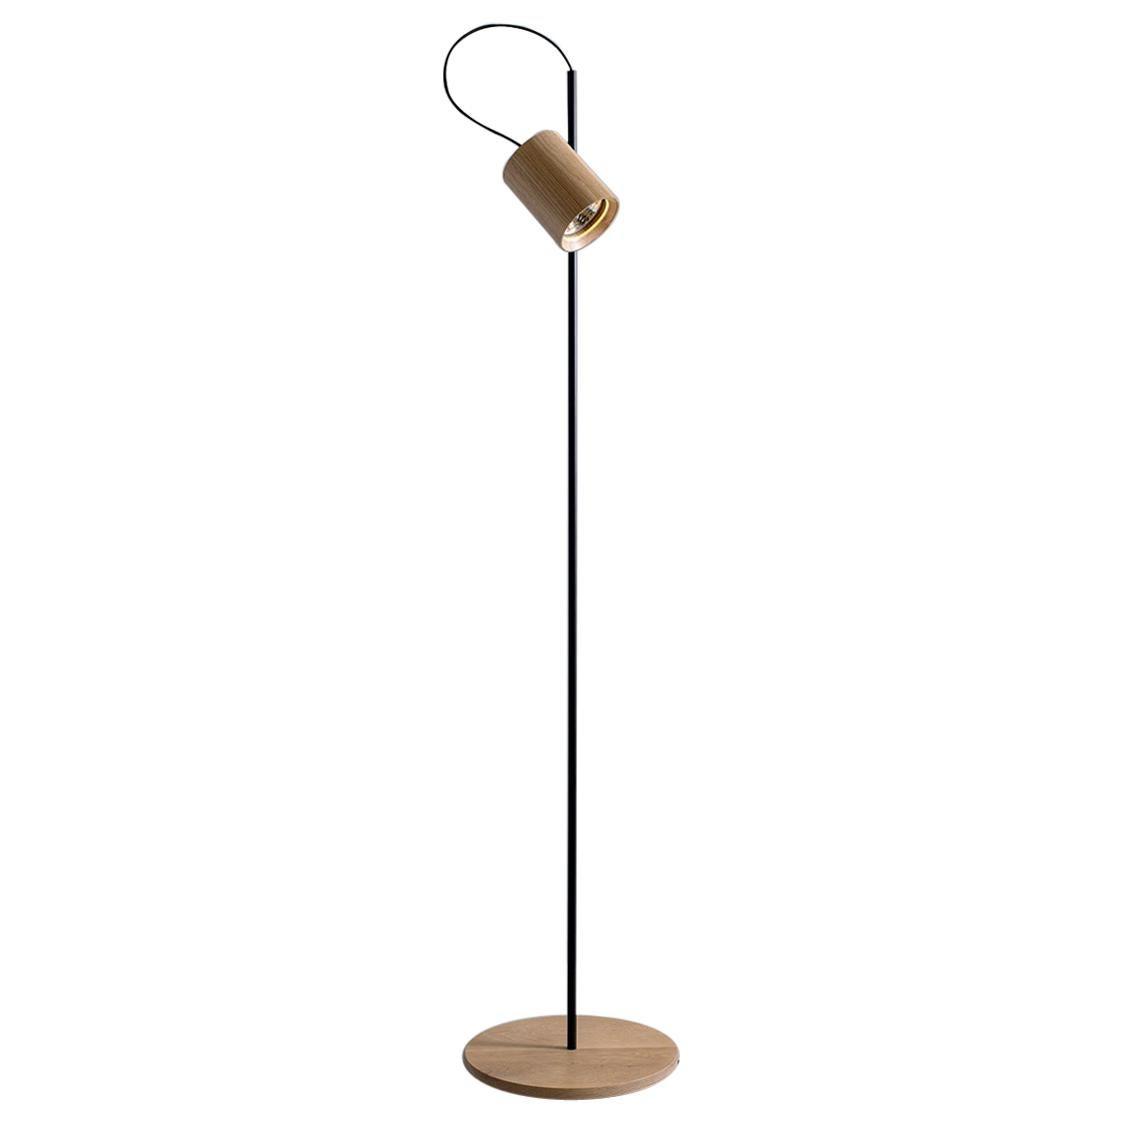 Standing Spot Floor Lamp by ASAF Weinbroom Studio